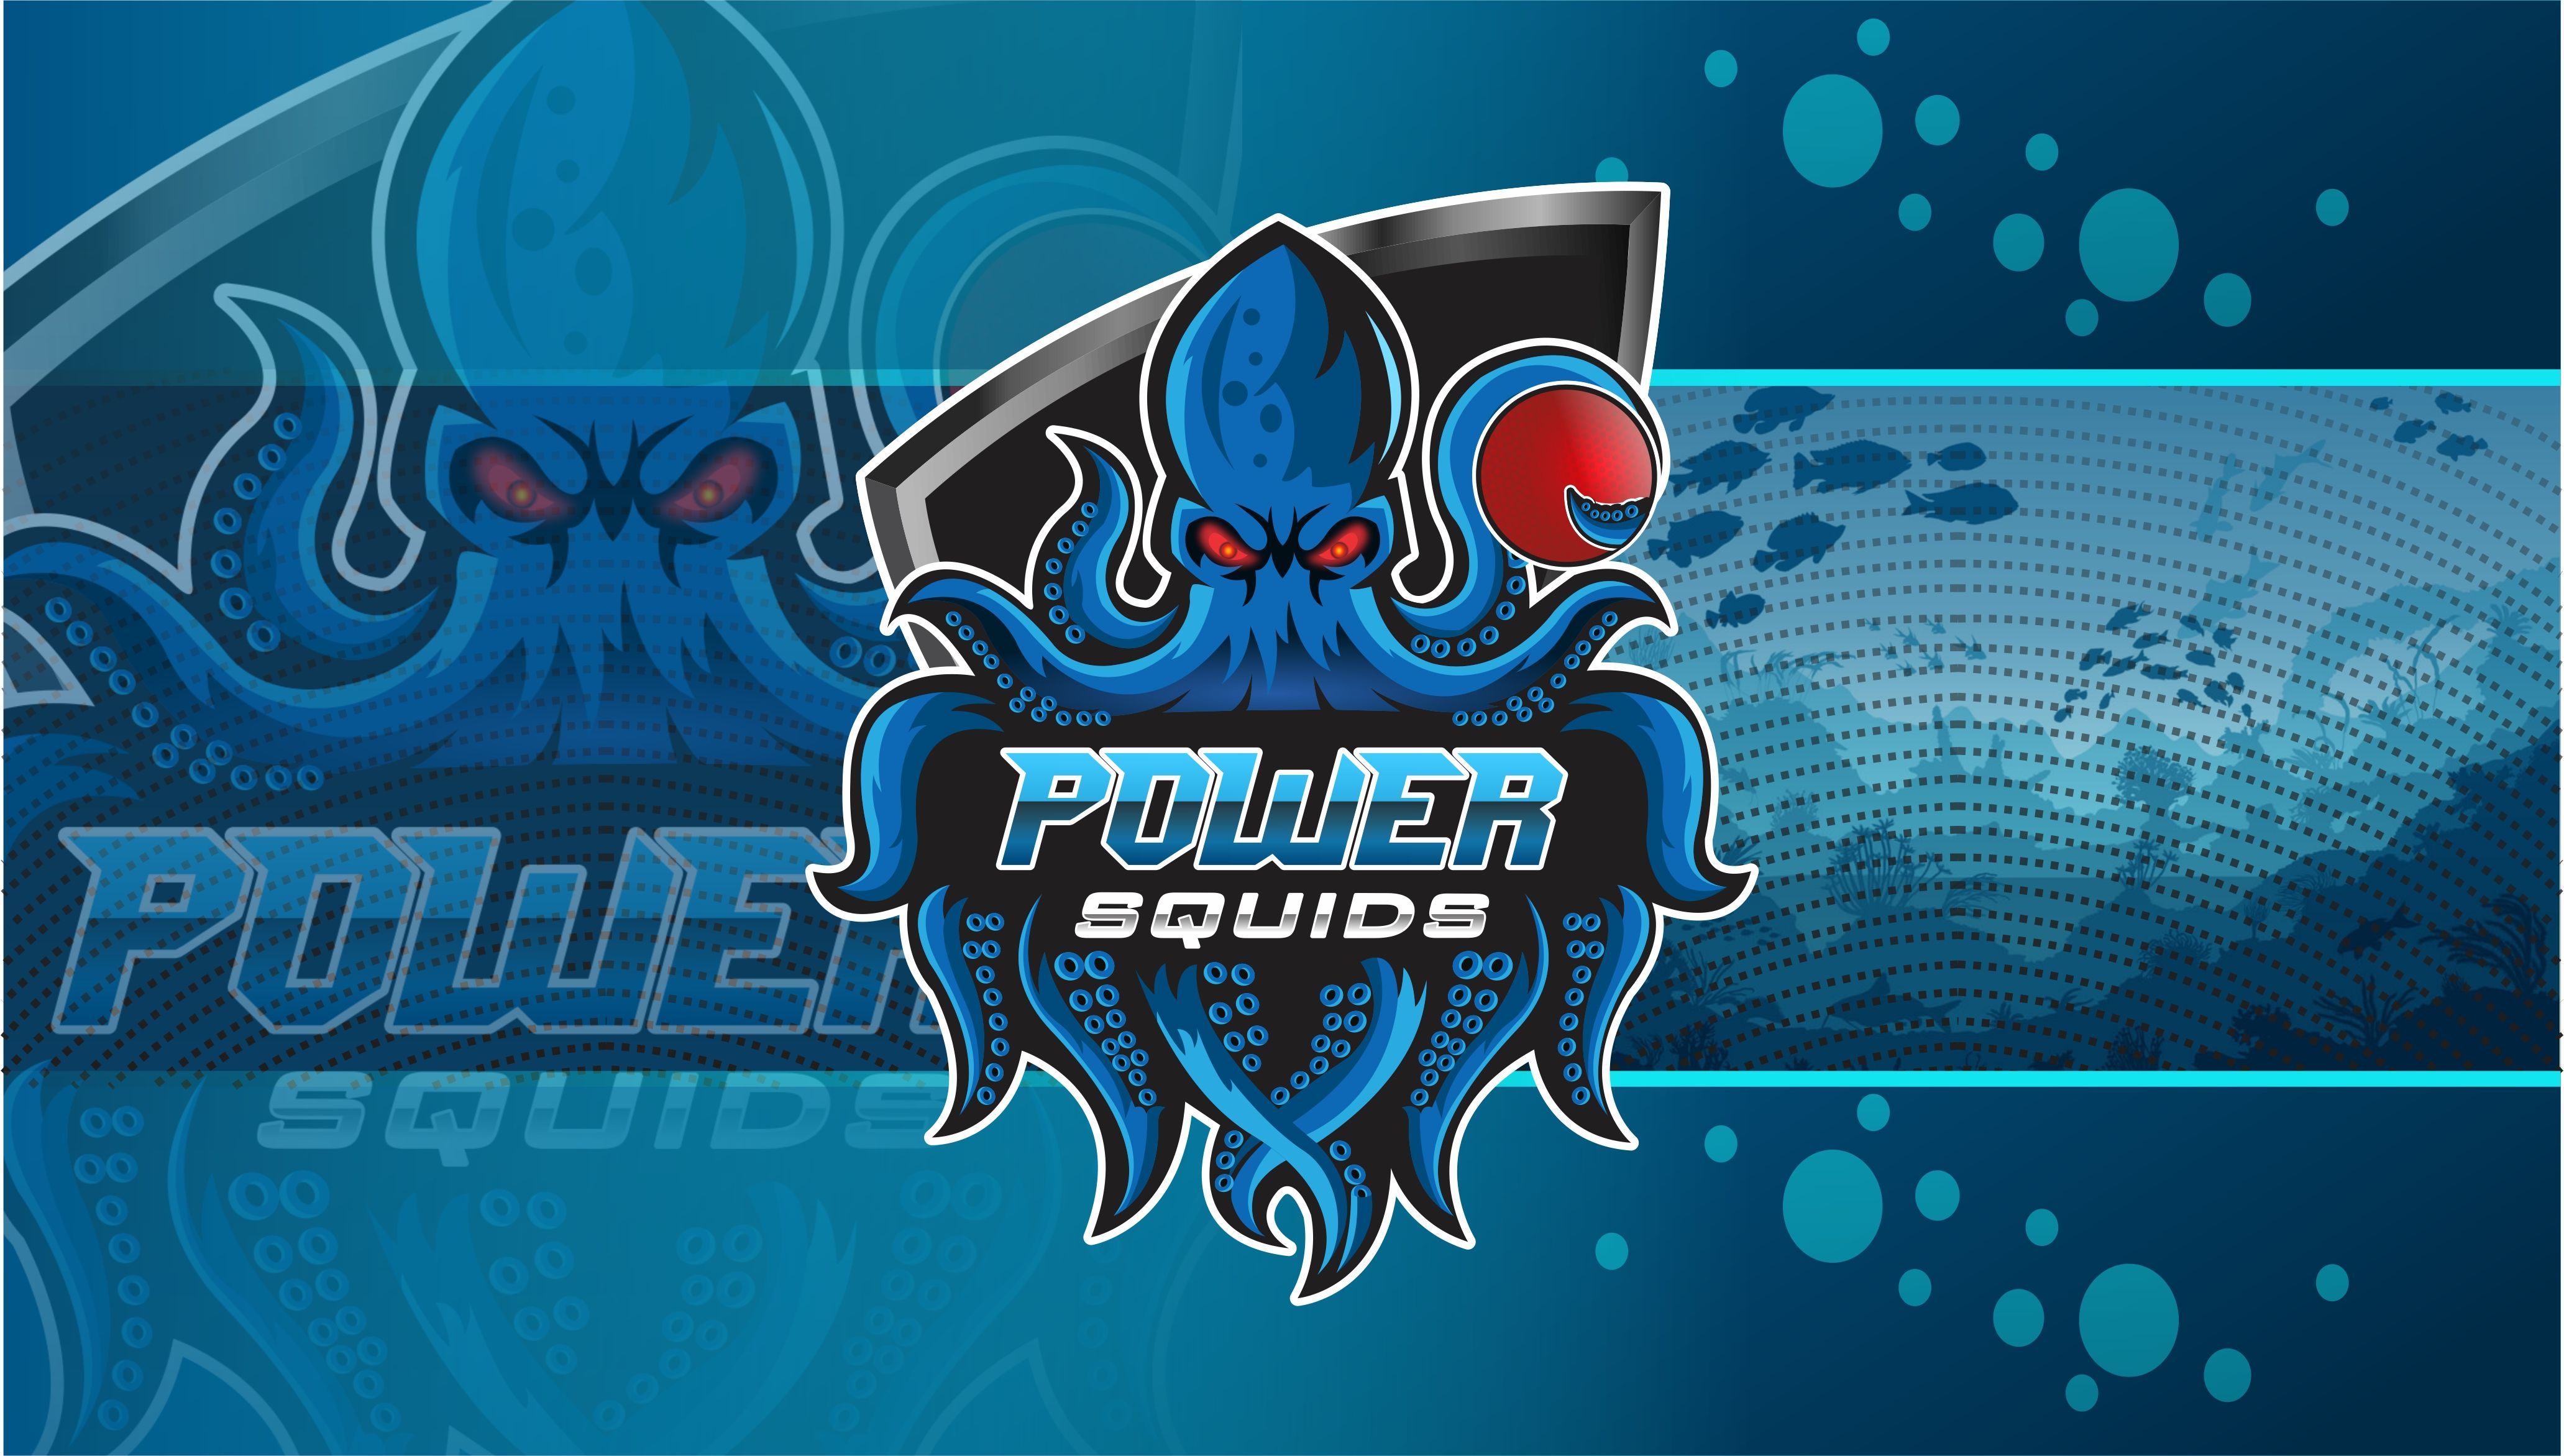 umar130 I will design esport logo for game,sports,team